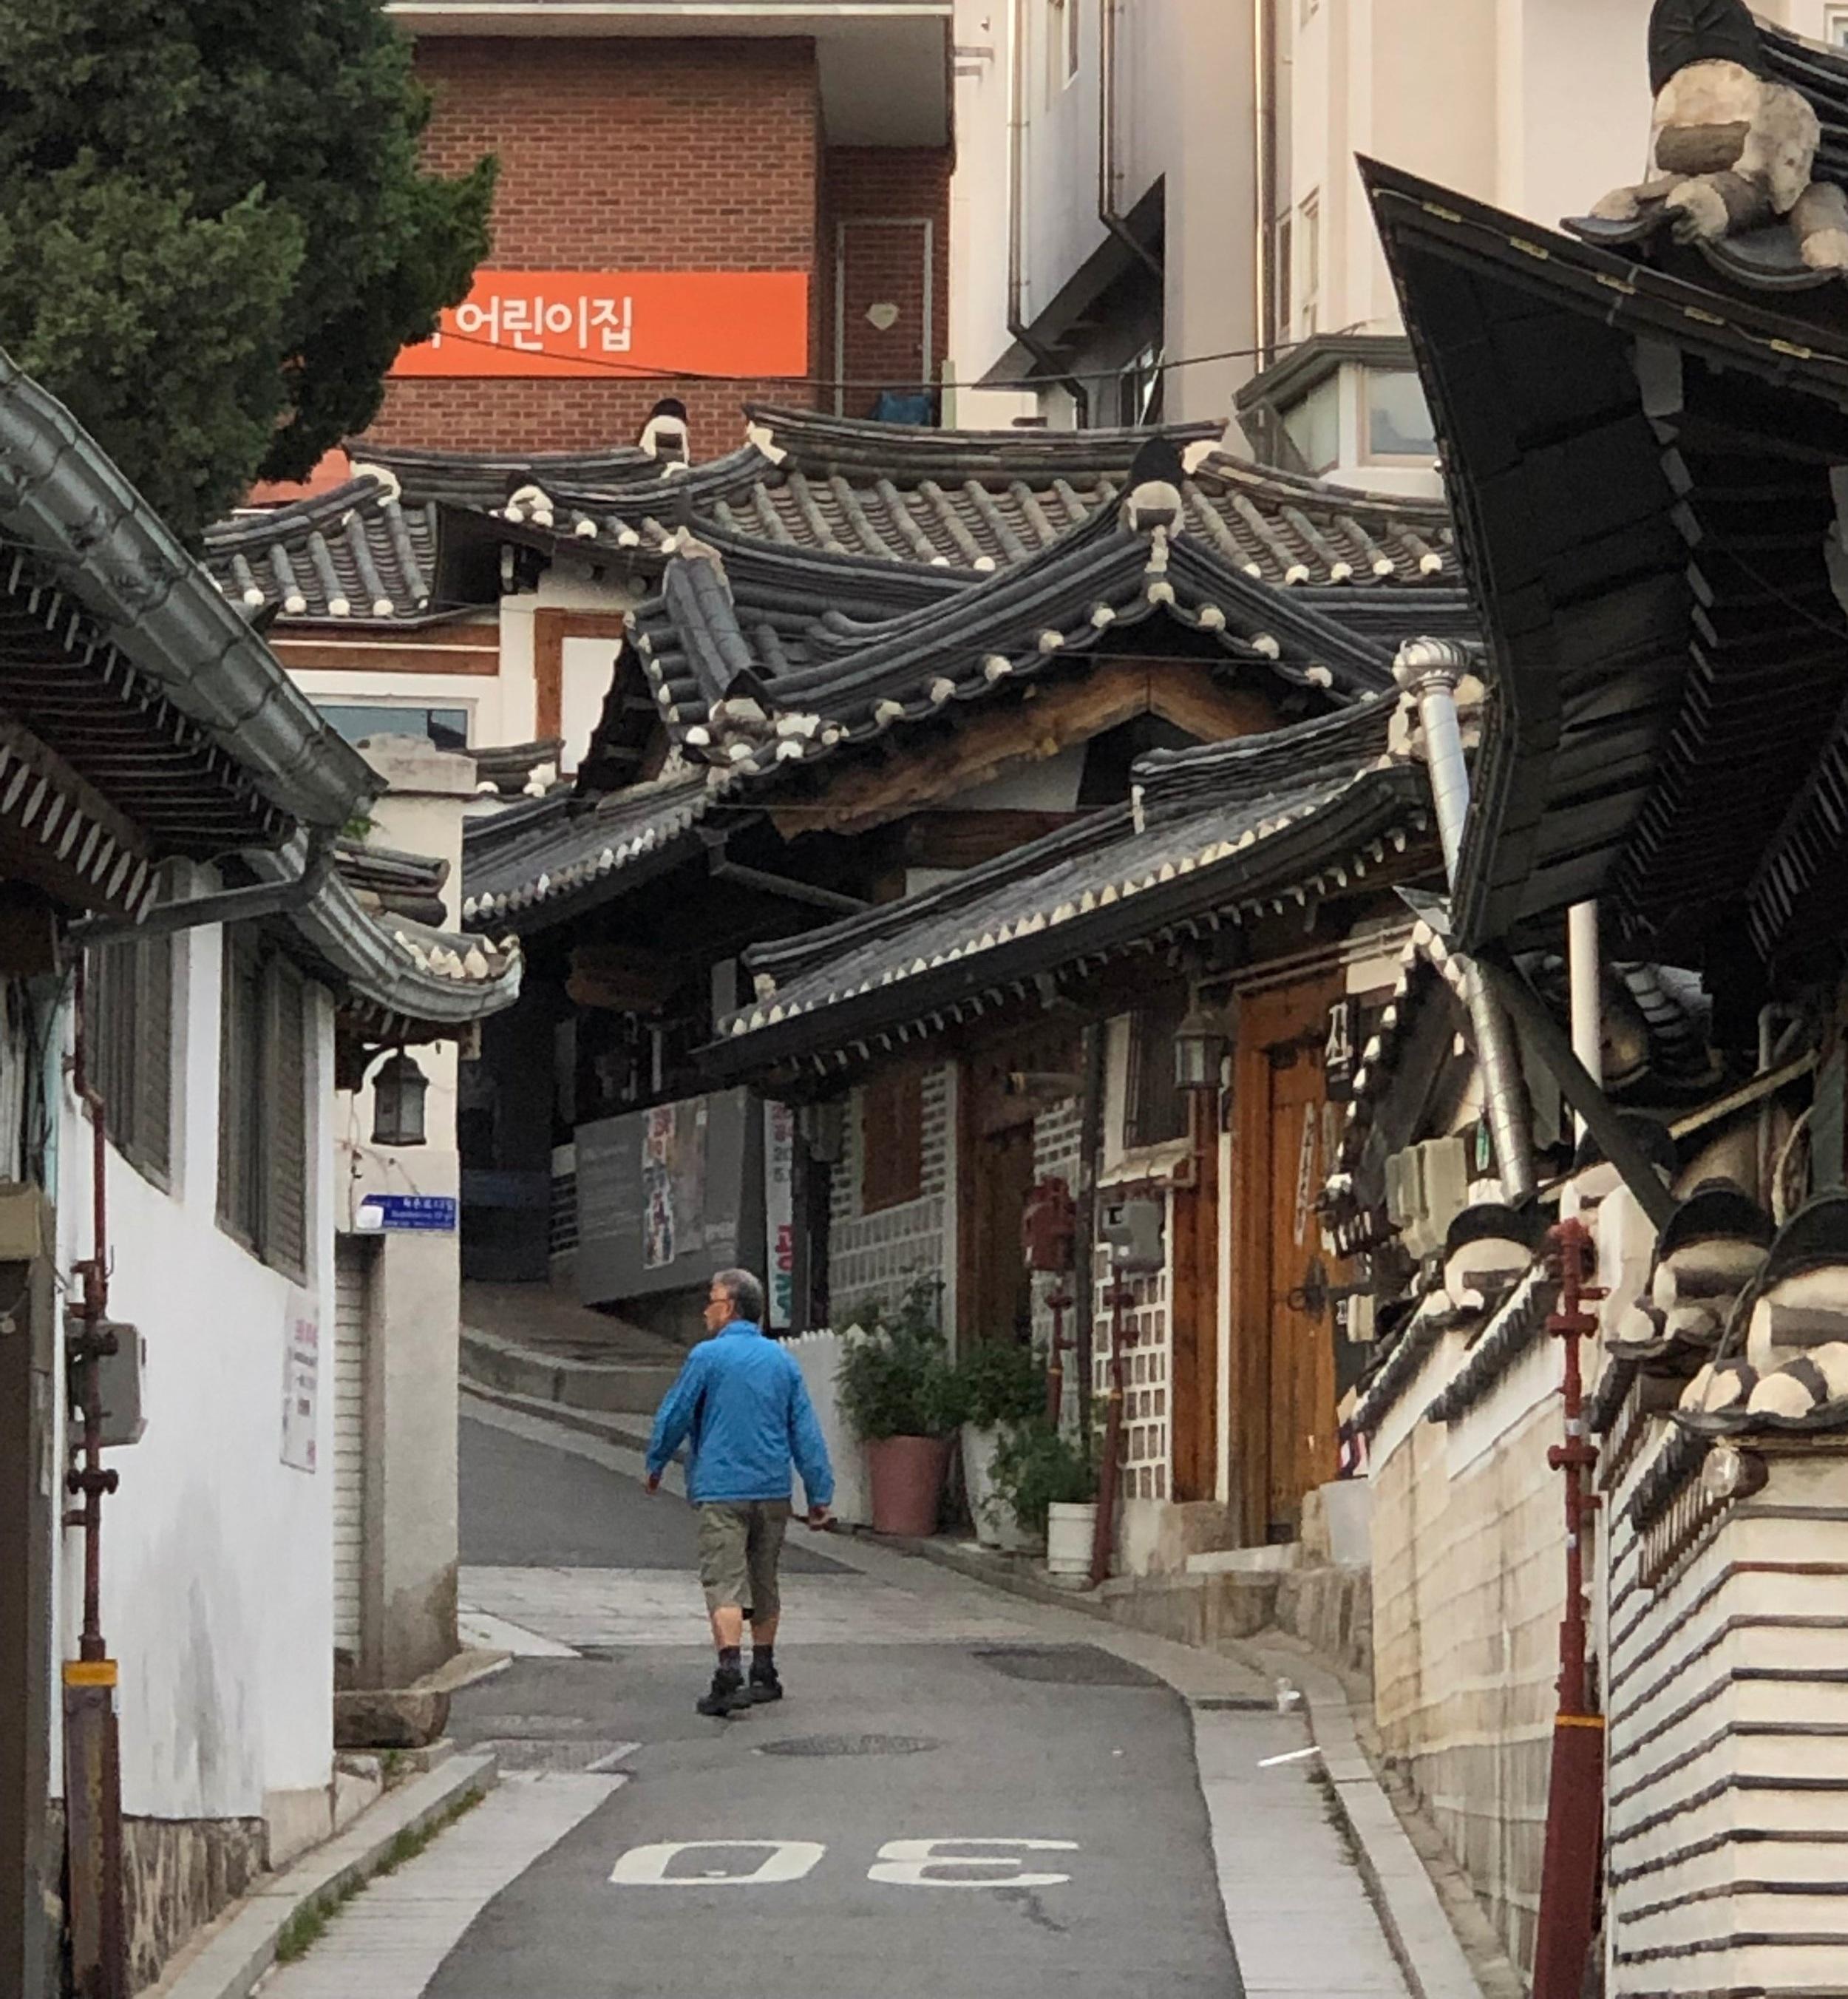 What Seoul used to look like (Seoul)